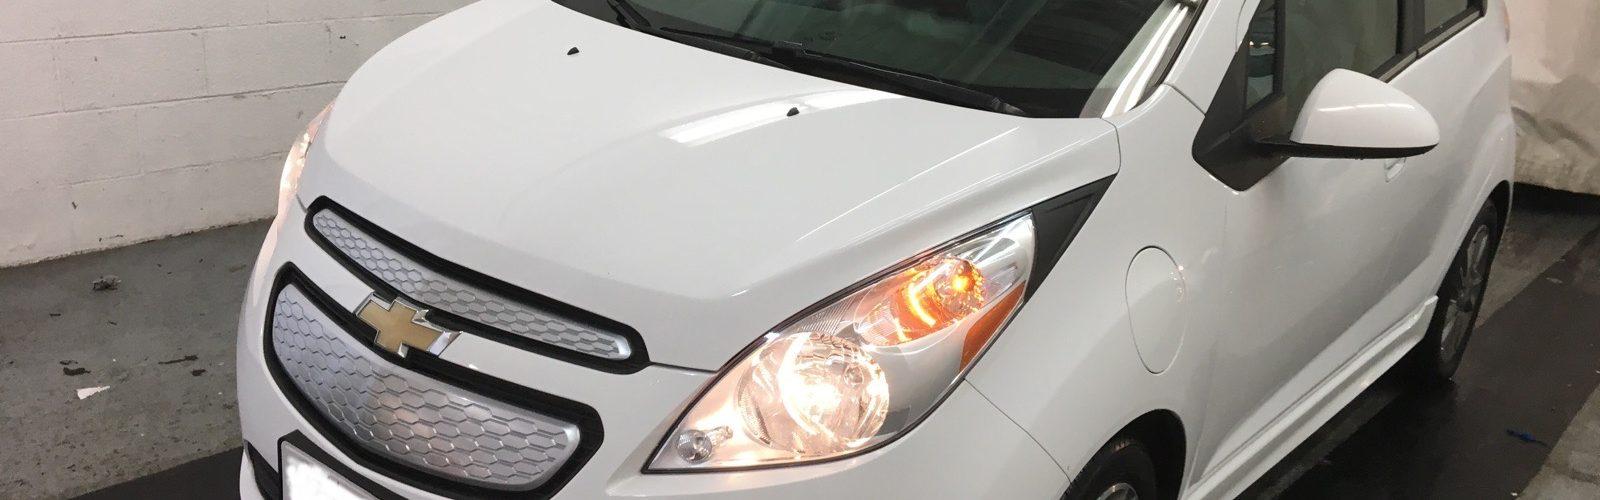 CHEVY SPARK EV LT 2015 – 41 717 Km – Seulement 14 571 $ avec la subvention – VENDU